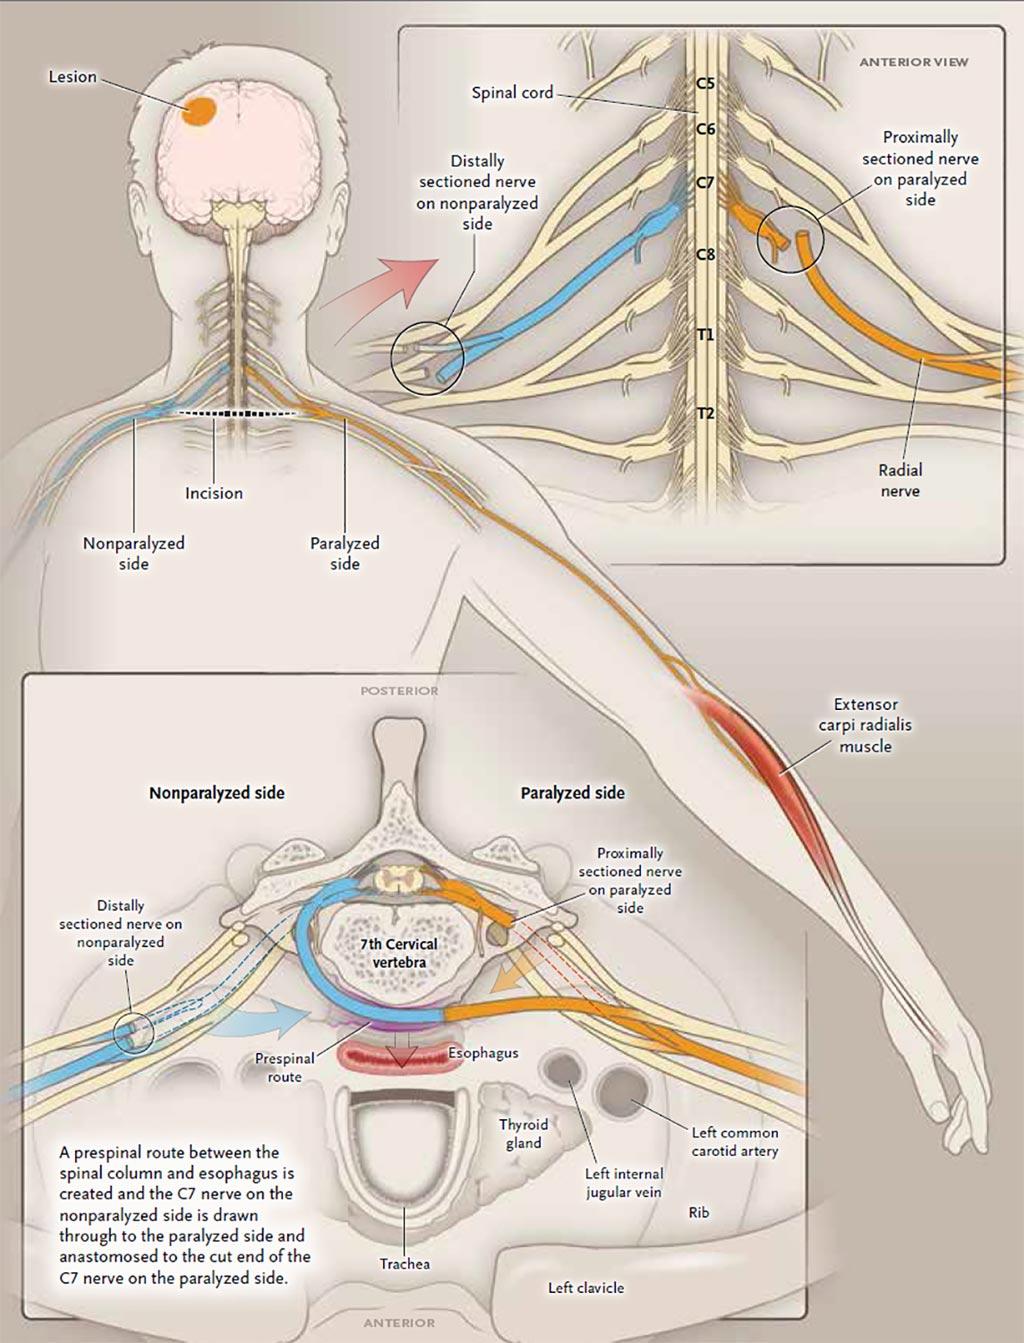 Процедура пересадки шейного нерва в позвонке С7 (фото любезно предоставлено М.К. Женг (M.X. Zheng)/Университет Фудань).